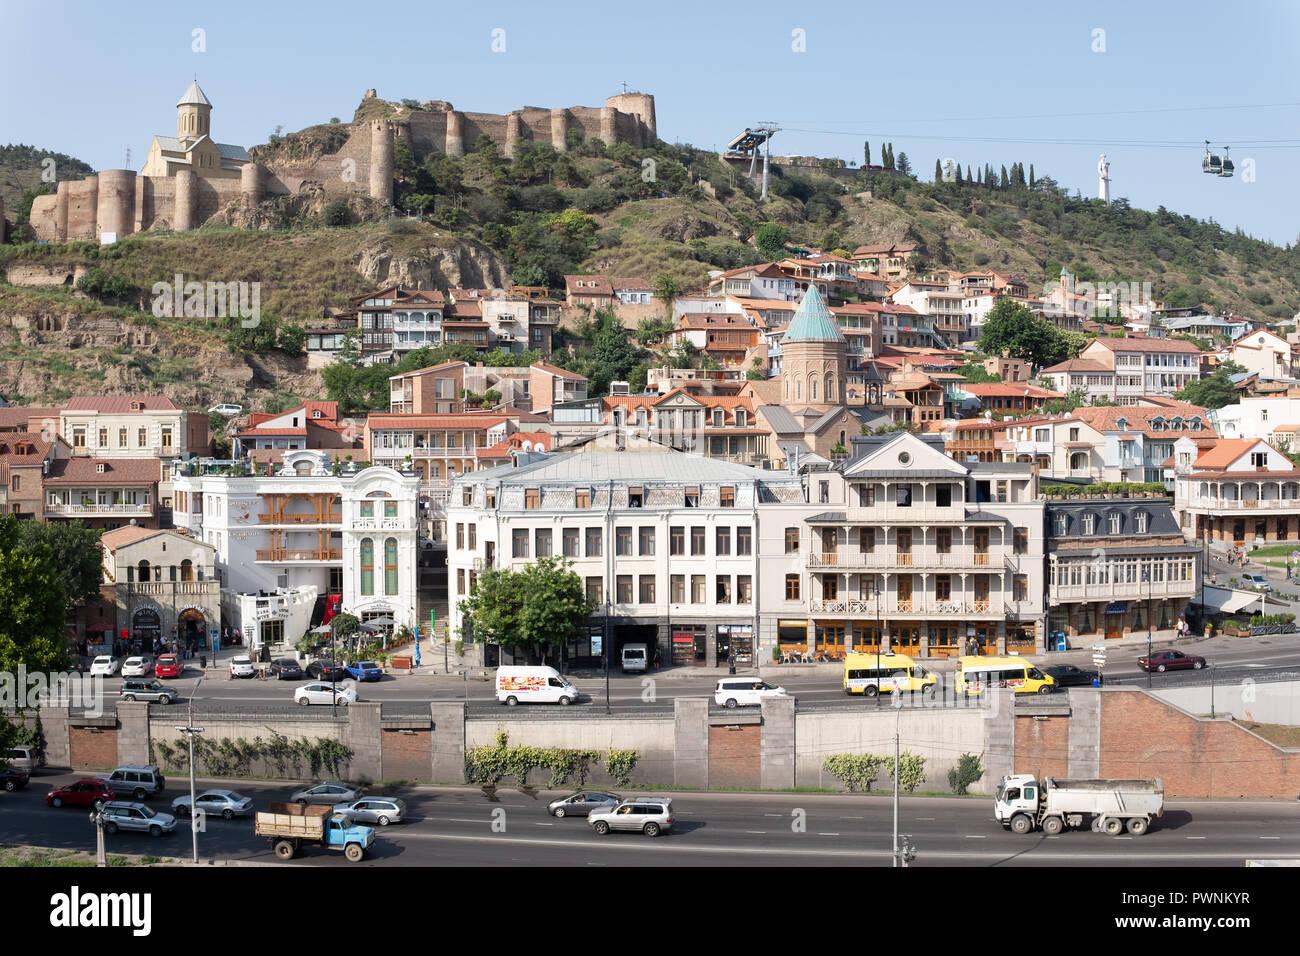 Tbilisi Georgia Police Stock Photos Tbilisi Georgia: Sololaki Tbilisi Stock Photos & Sololaki Tbilisi Stock